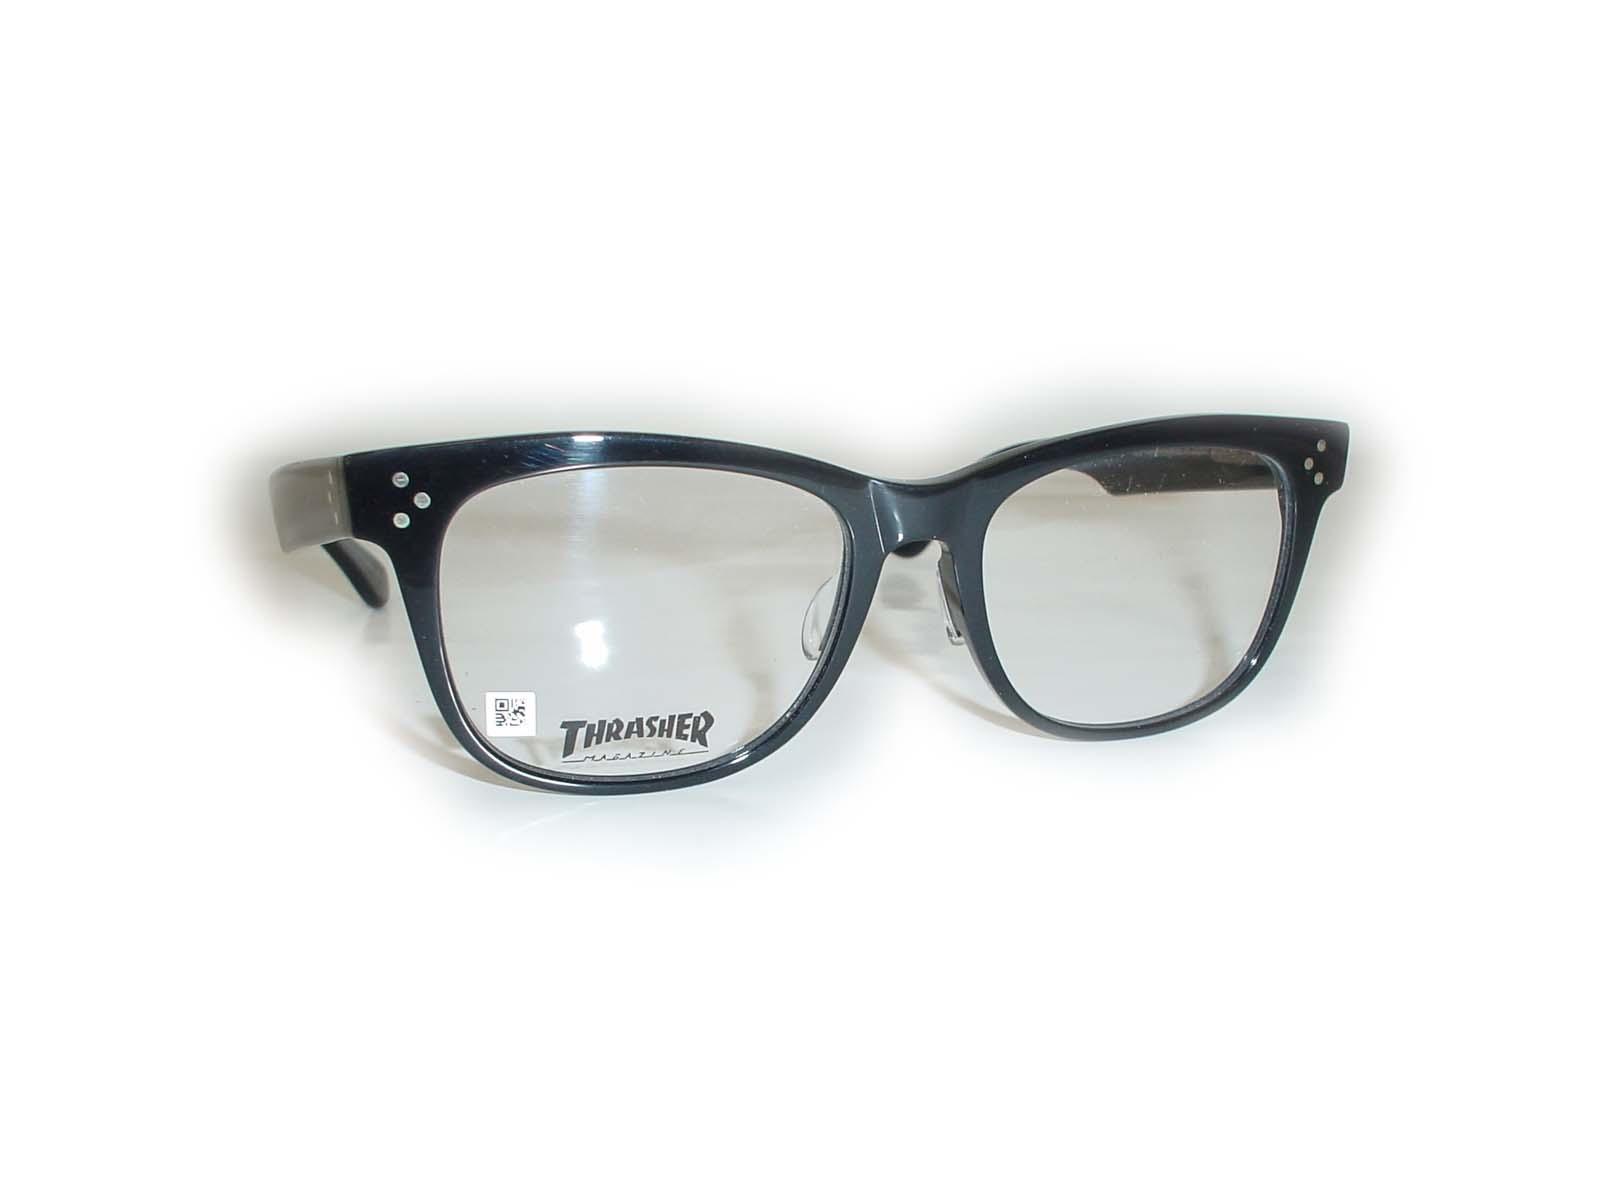 ★THRASHER(スラッシャー)★80353□18-143COL.ブラック超薄型非球面レンズ付